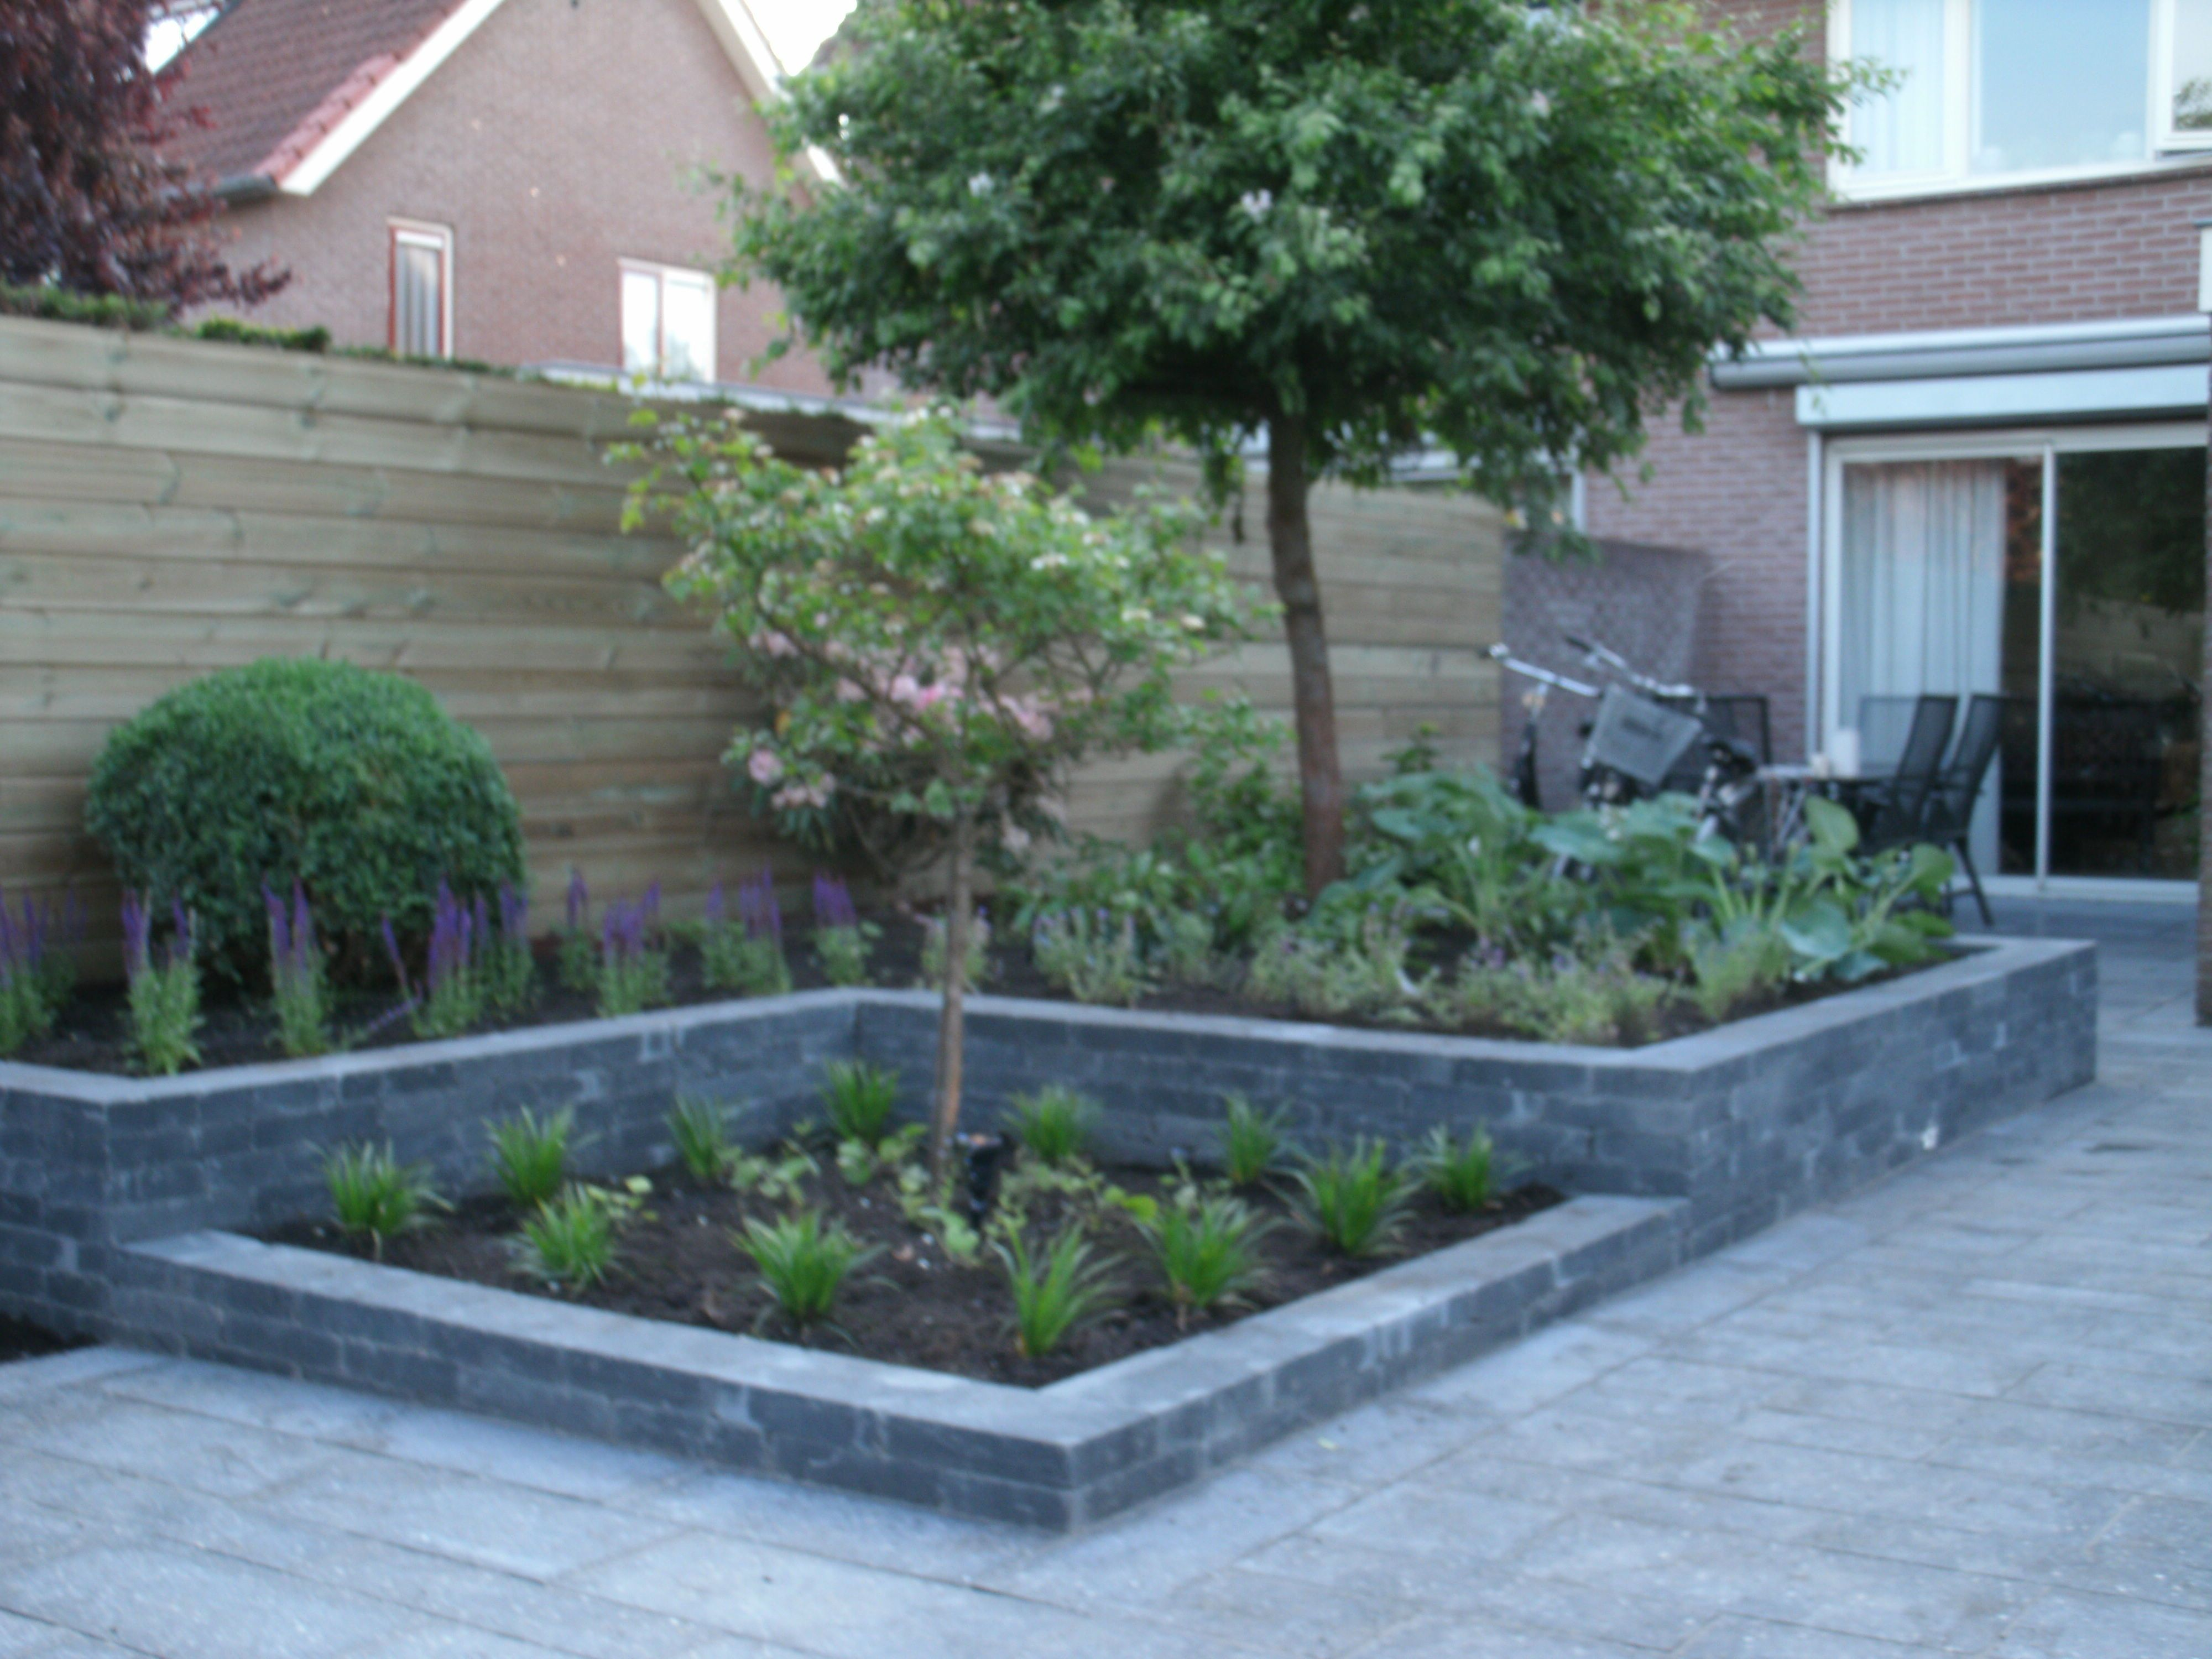 Afbeeldingsresultaat voor tuin met verhoogde borders for Ideeen voor tuin